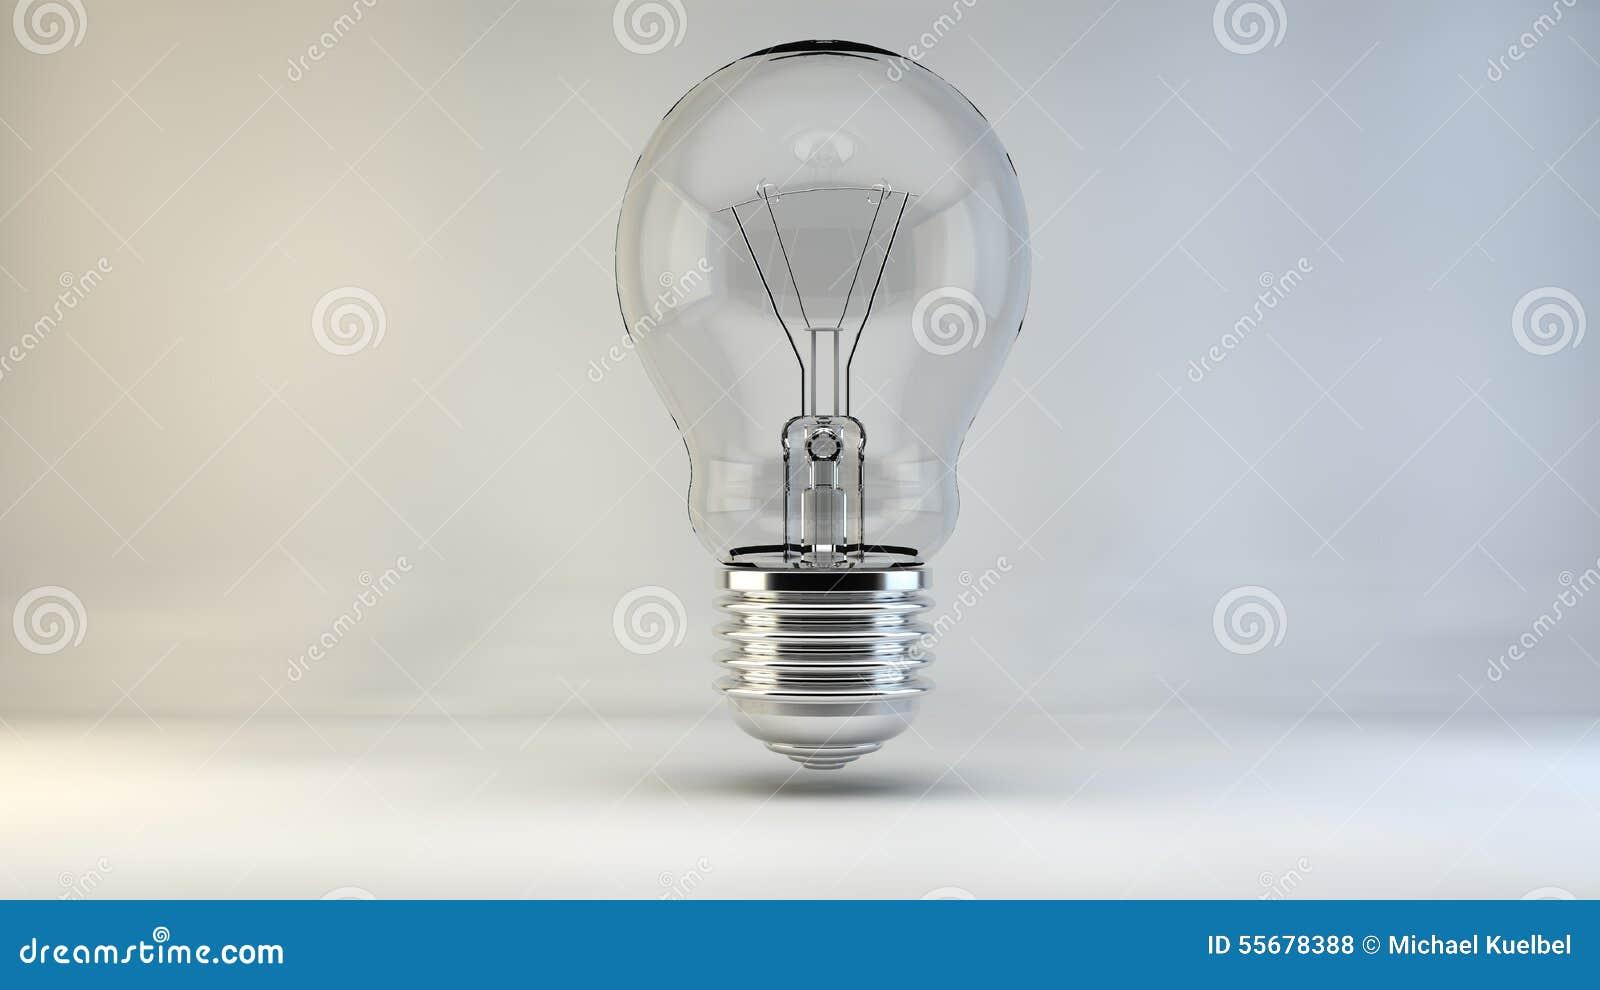 La lumi re de lampe d 39 id e d 39 ampoule allume l 39 incident - Allume la lumiere ...